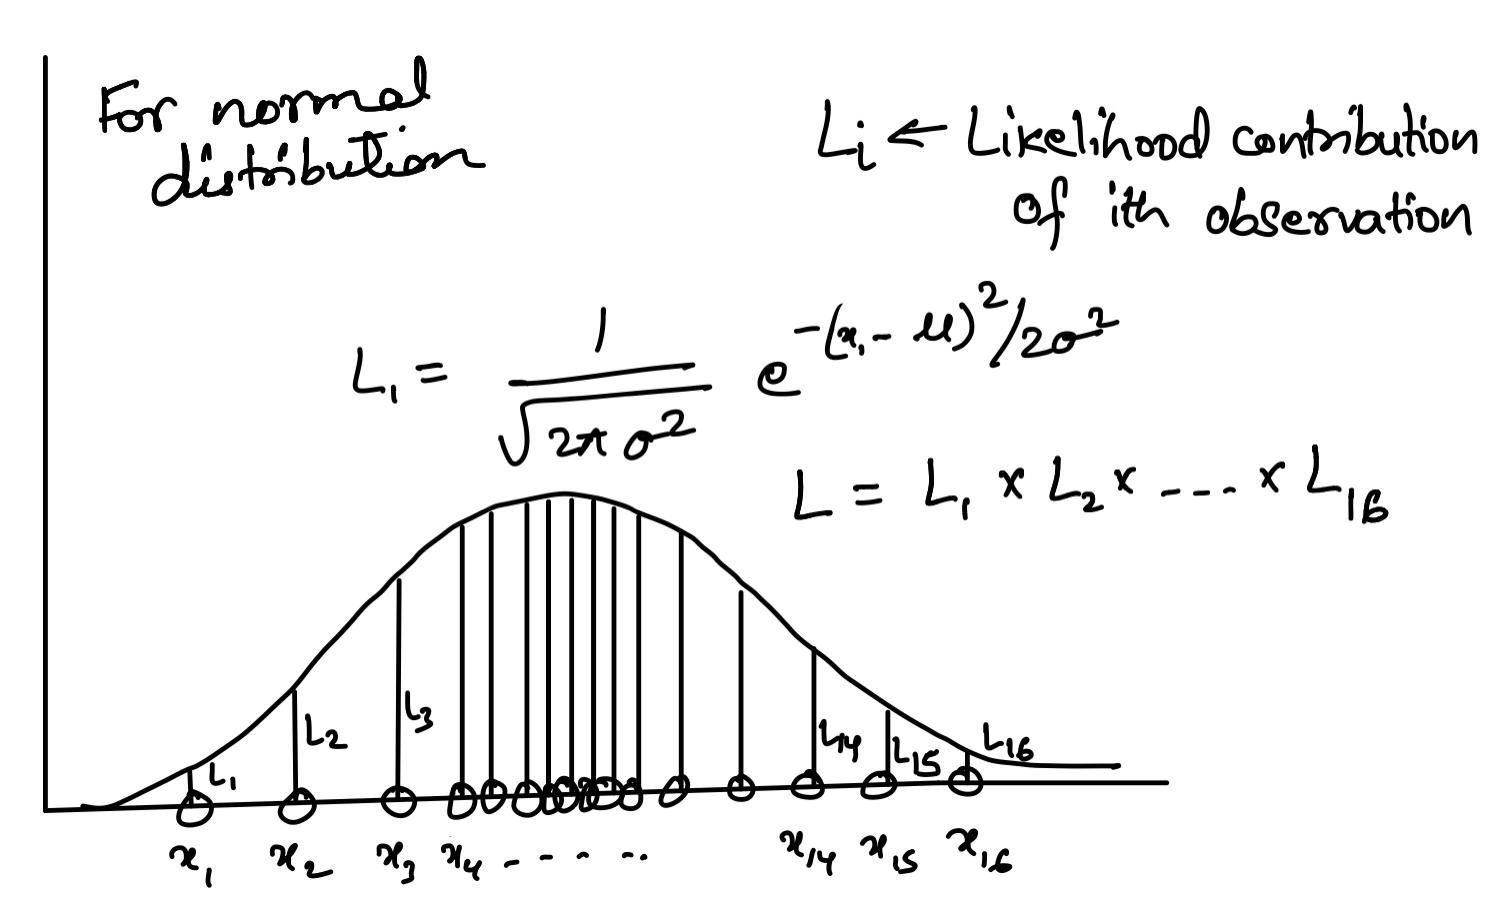 The illustration of the maximum likelihood estimation procedure